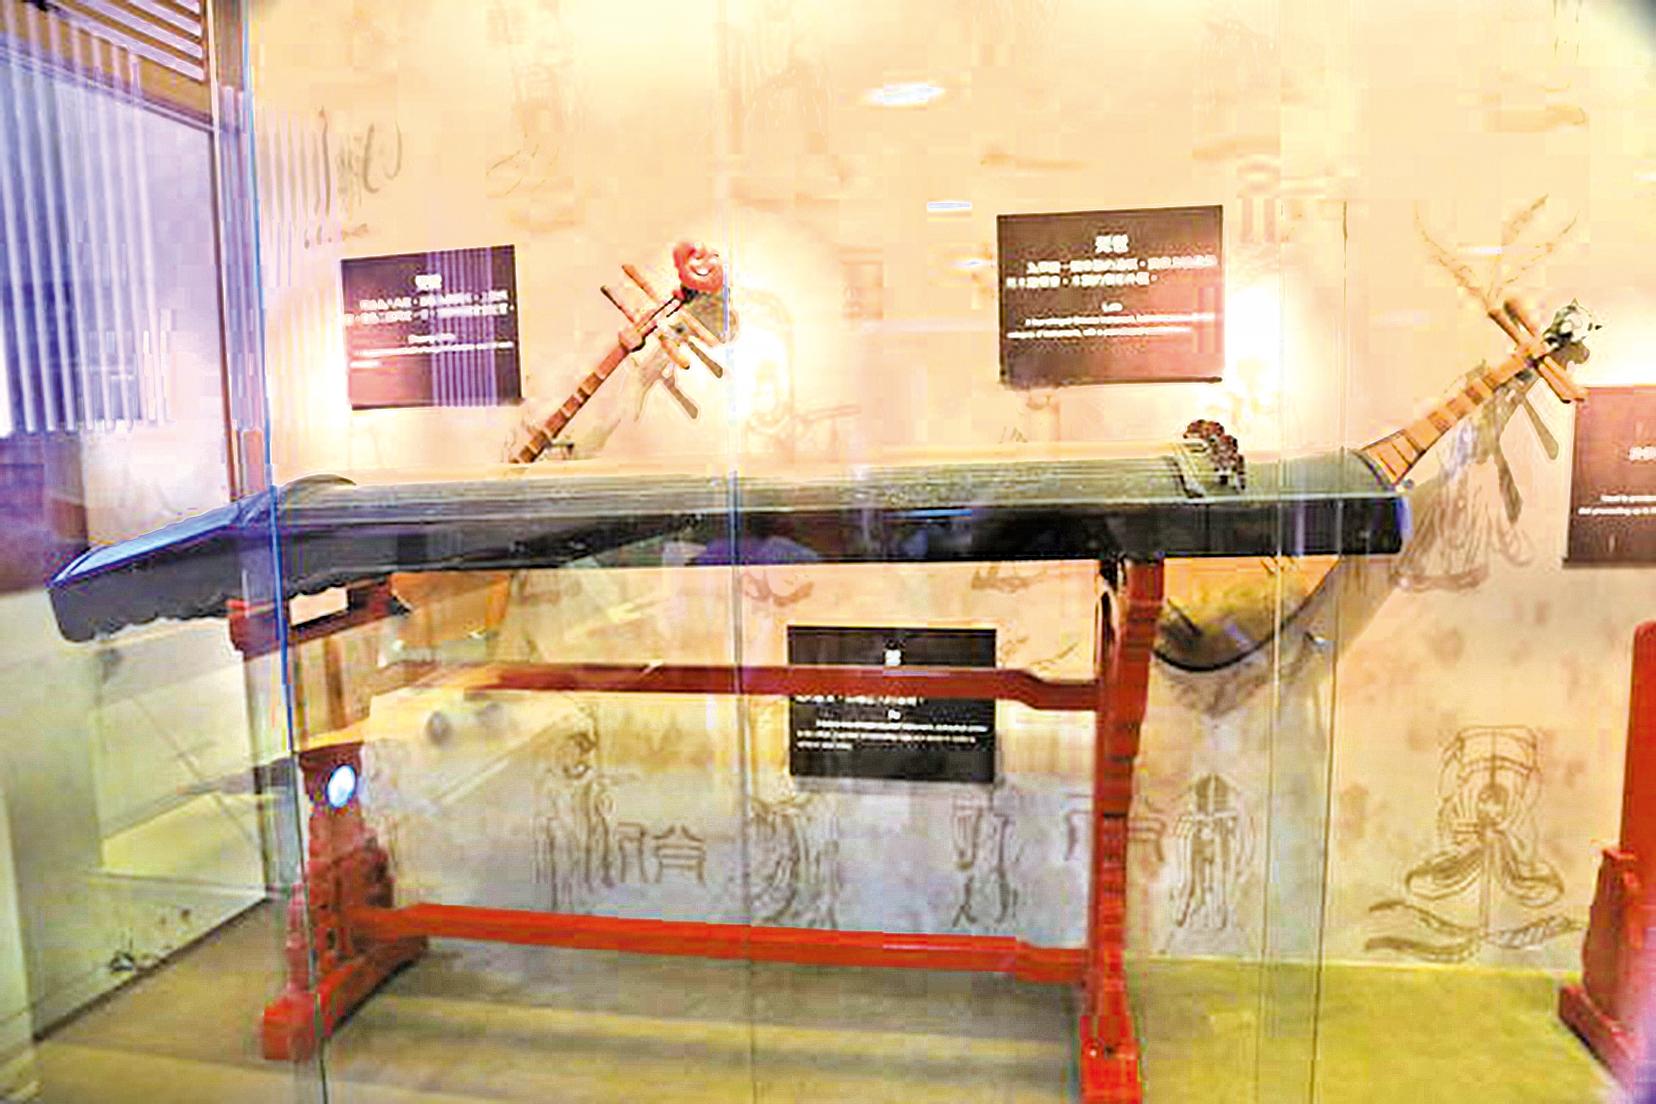 樂器瑟,台南市孔廟文物收藏。( Zeze0729 /Wikimedia Commons)